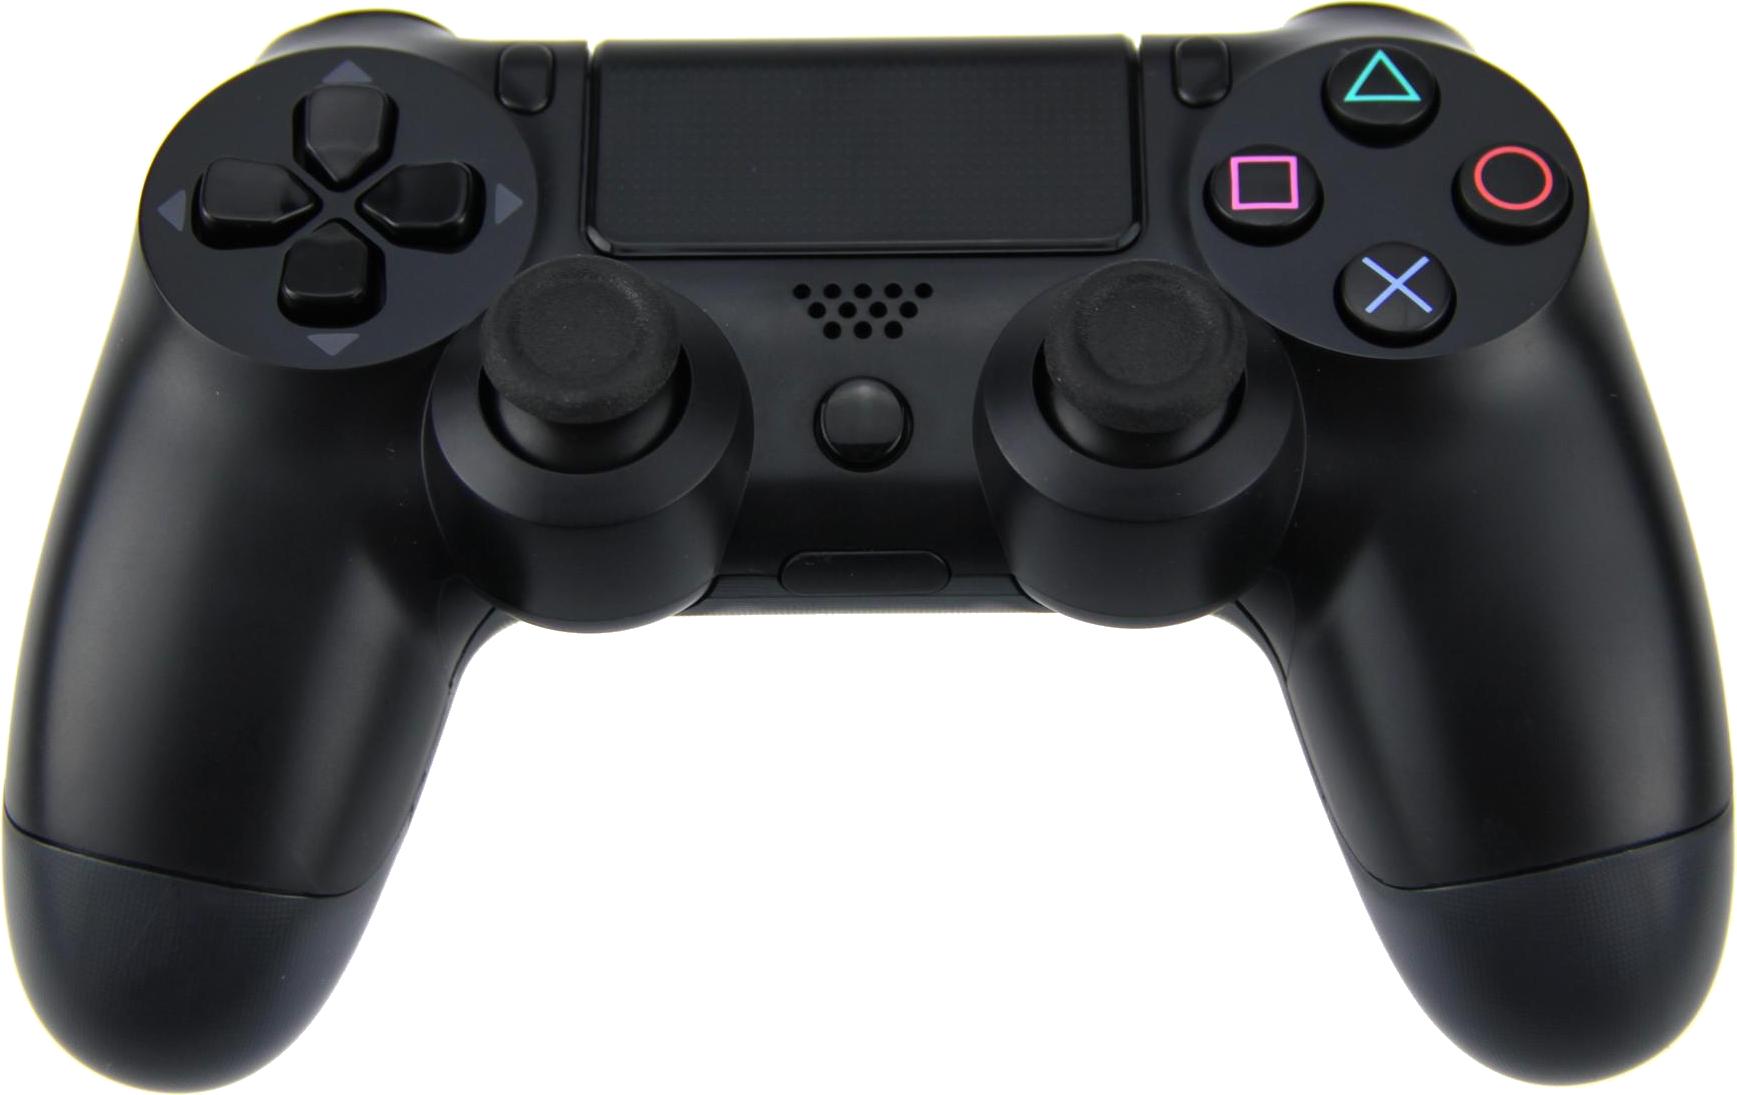 Gamepad PNG Image